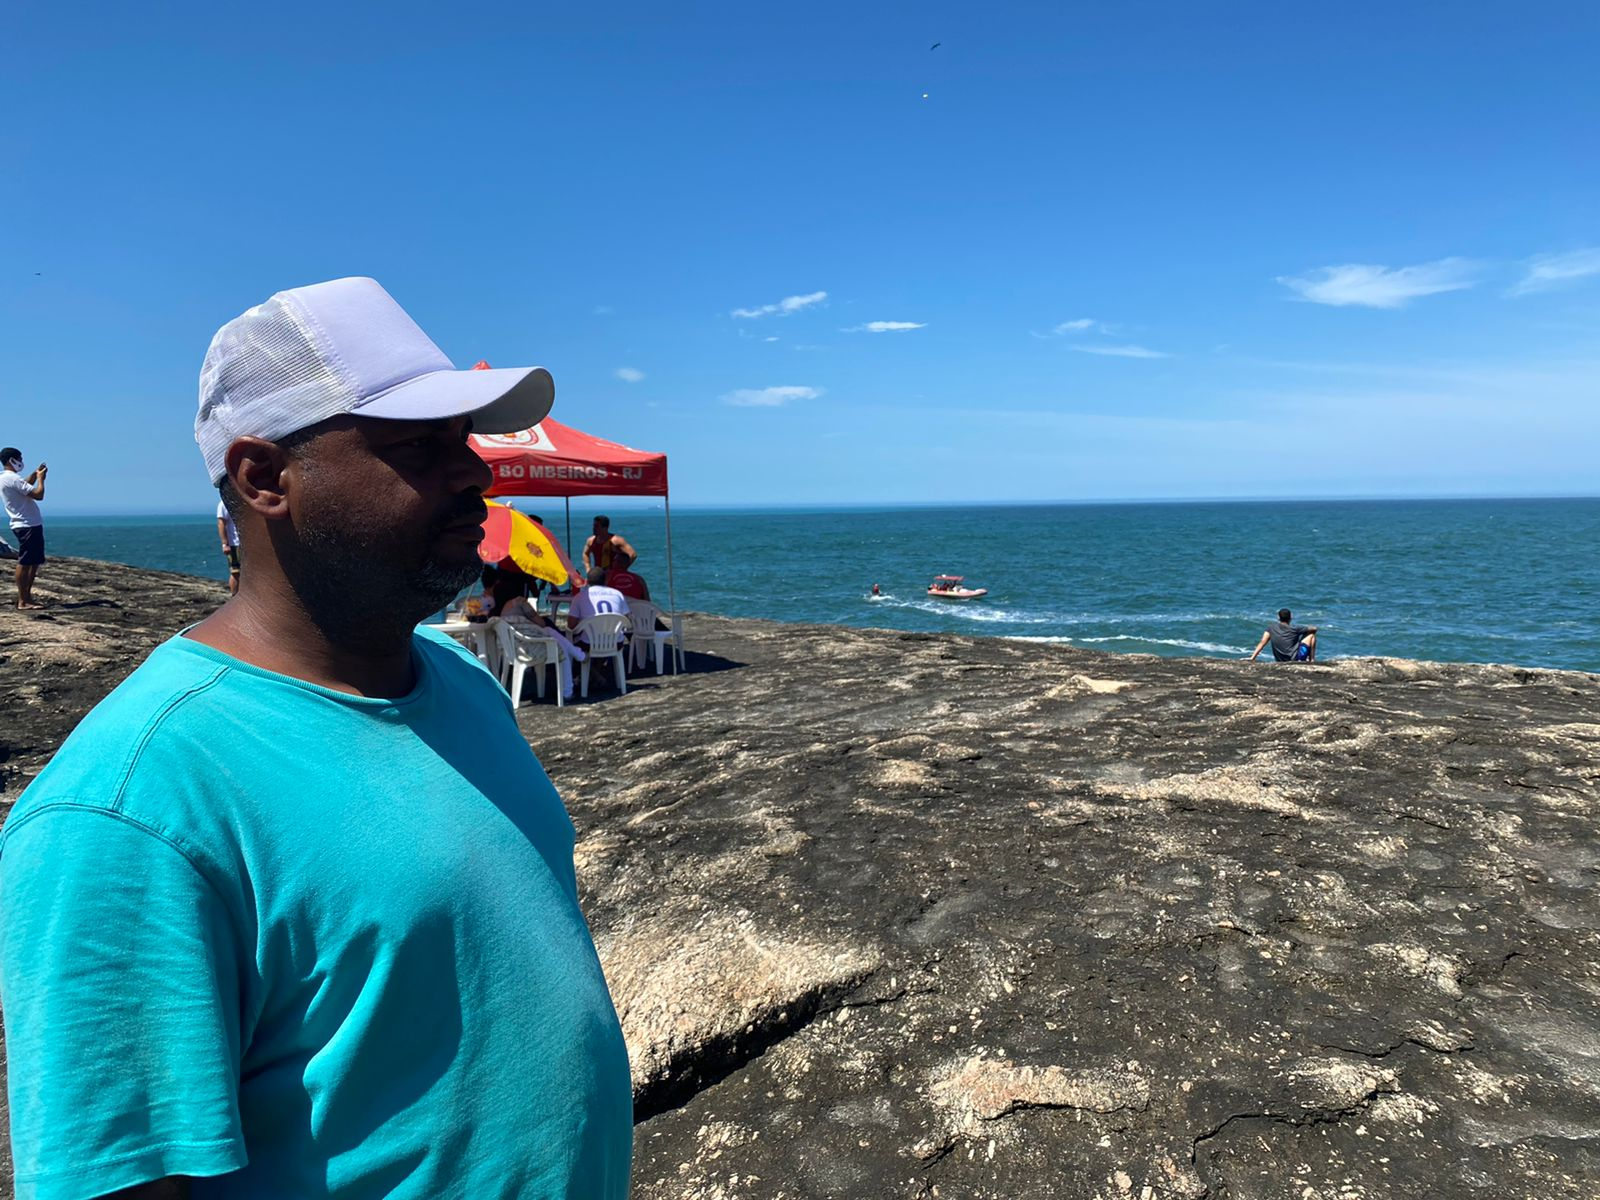 Amigo do marinheiro que desapareceu após cair no mar em Niterói